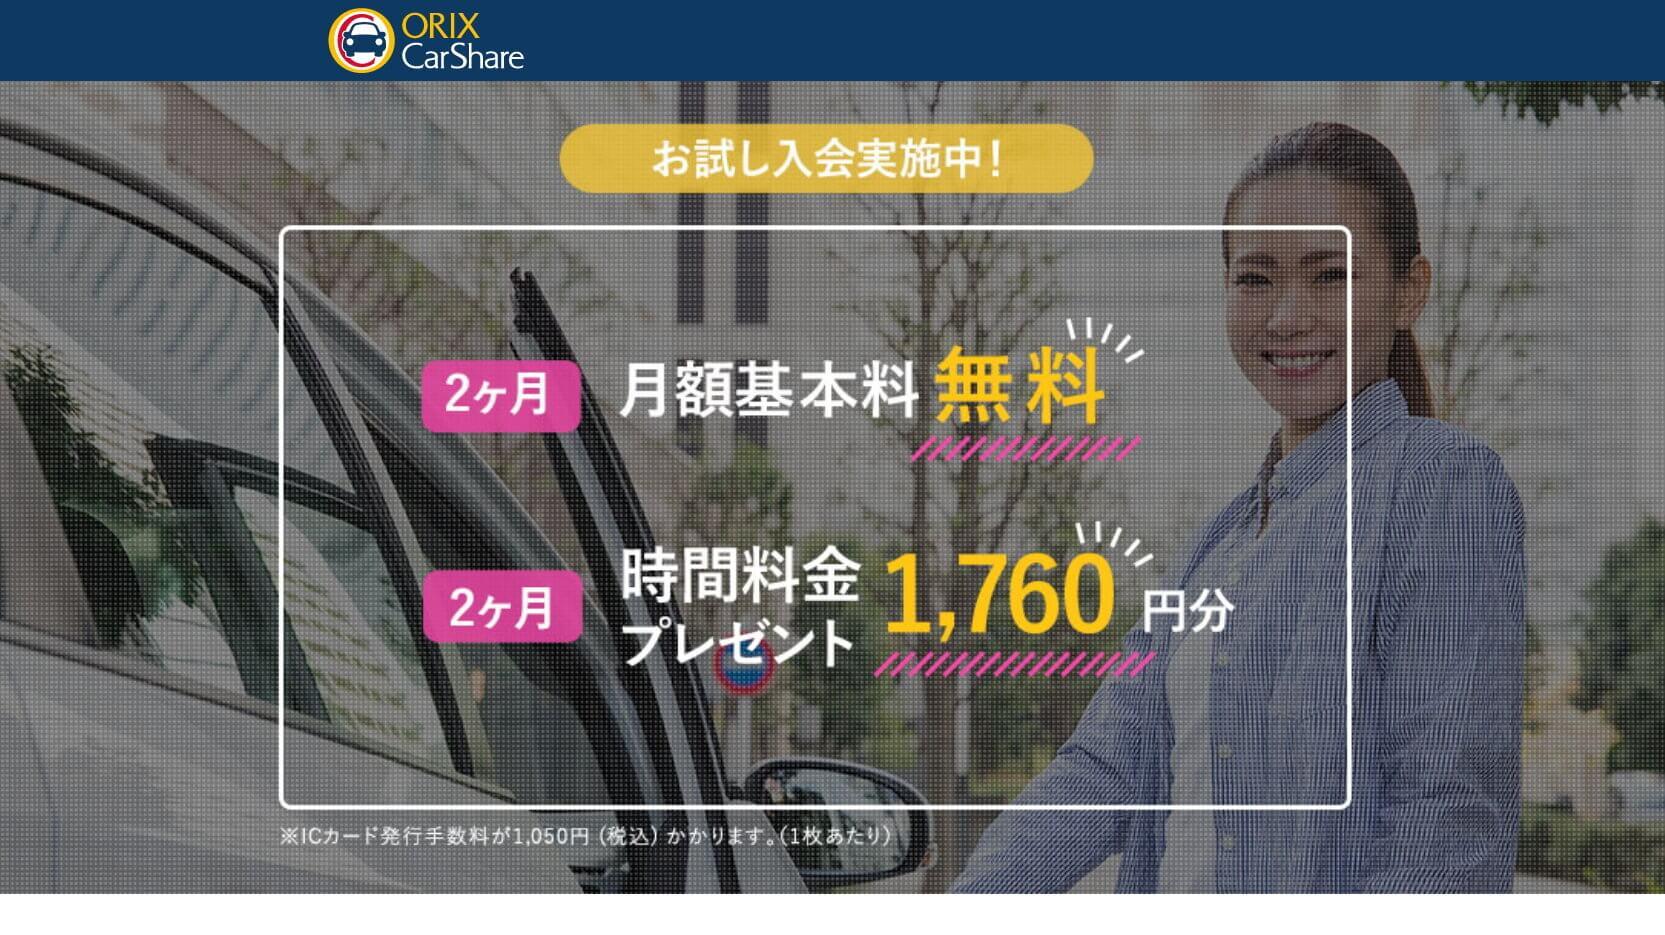 オリックスカーシェア入会キャンペーン